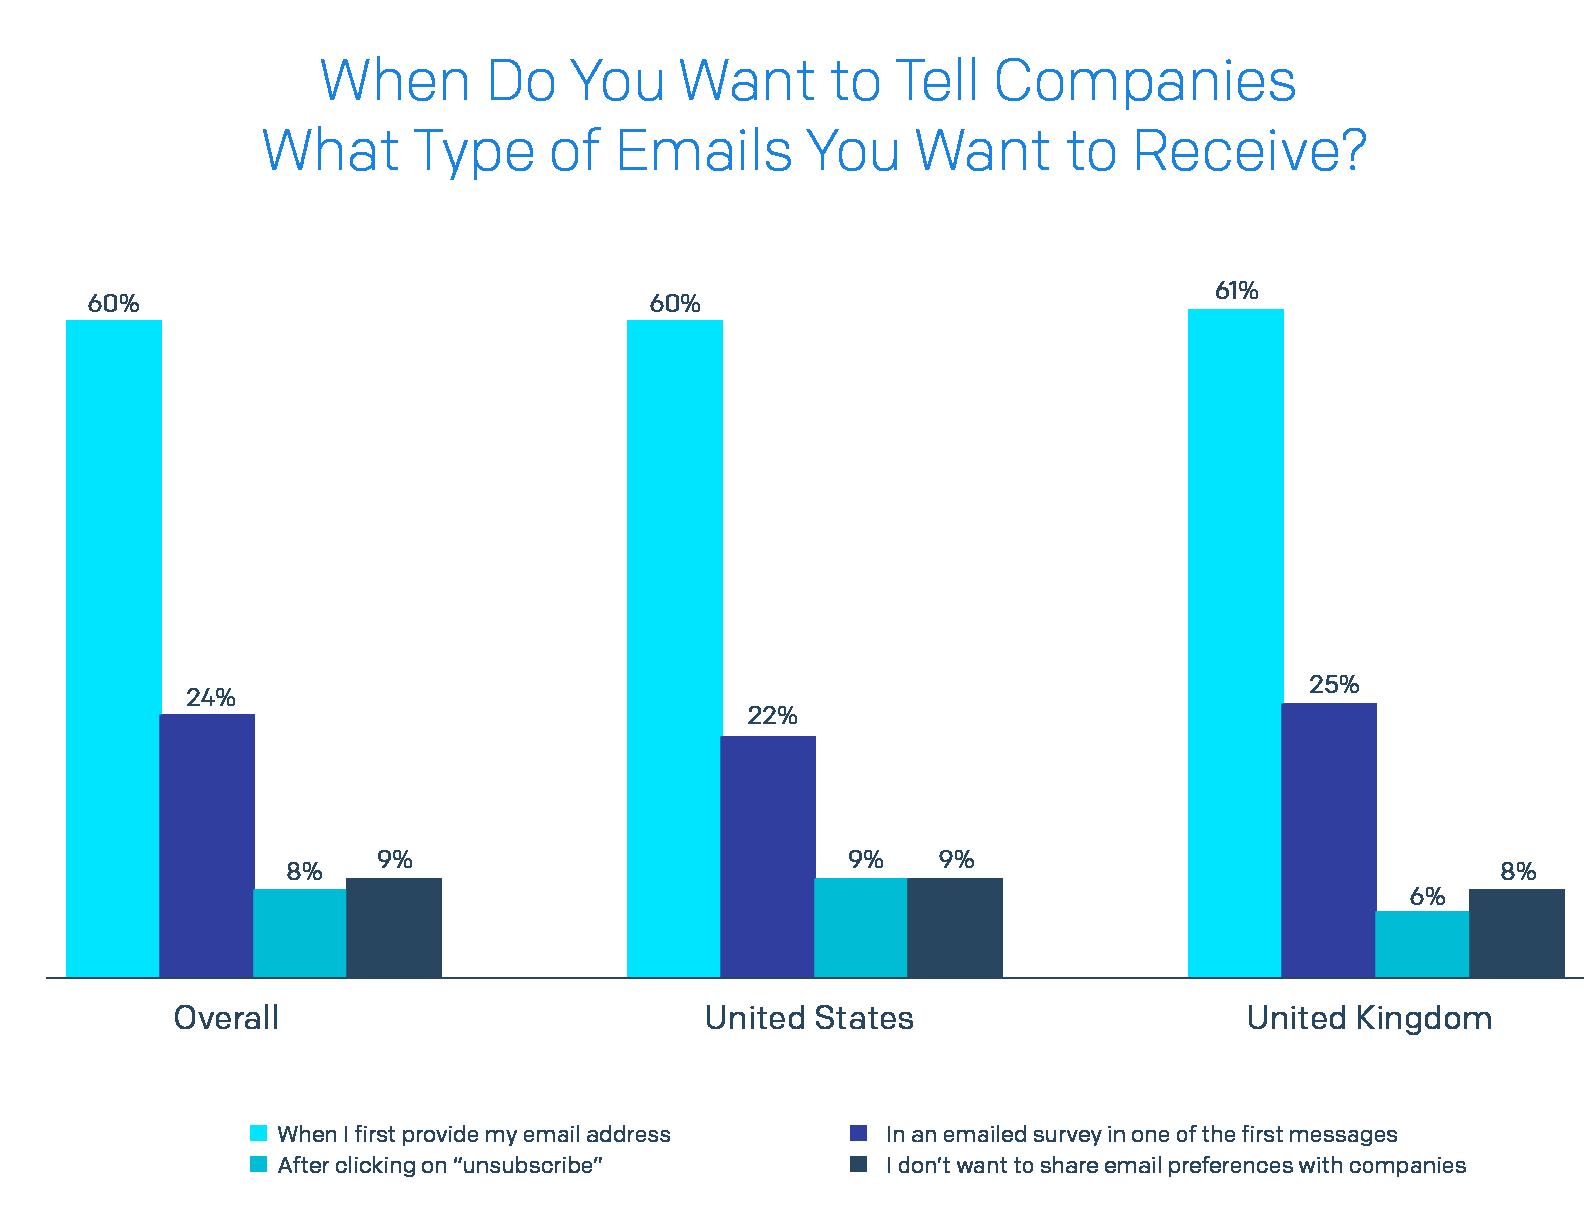 いつ受信したいメールの種類を企業に伝えたいか